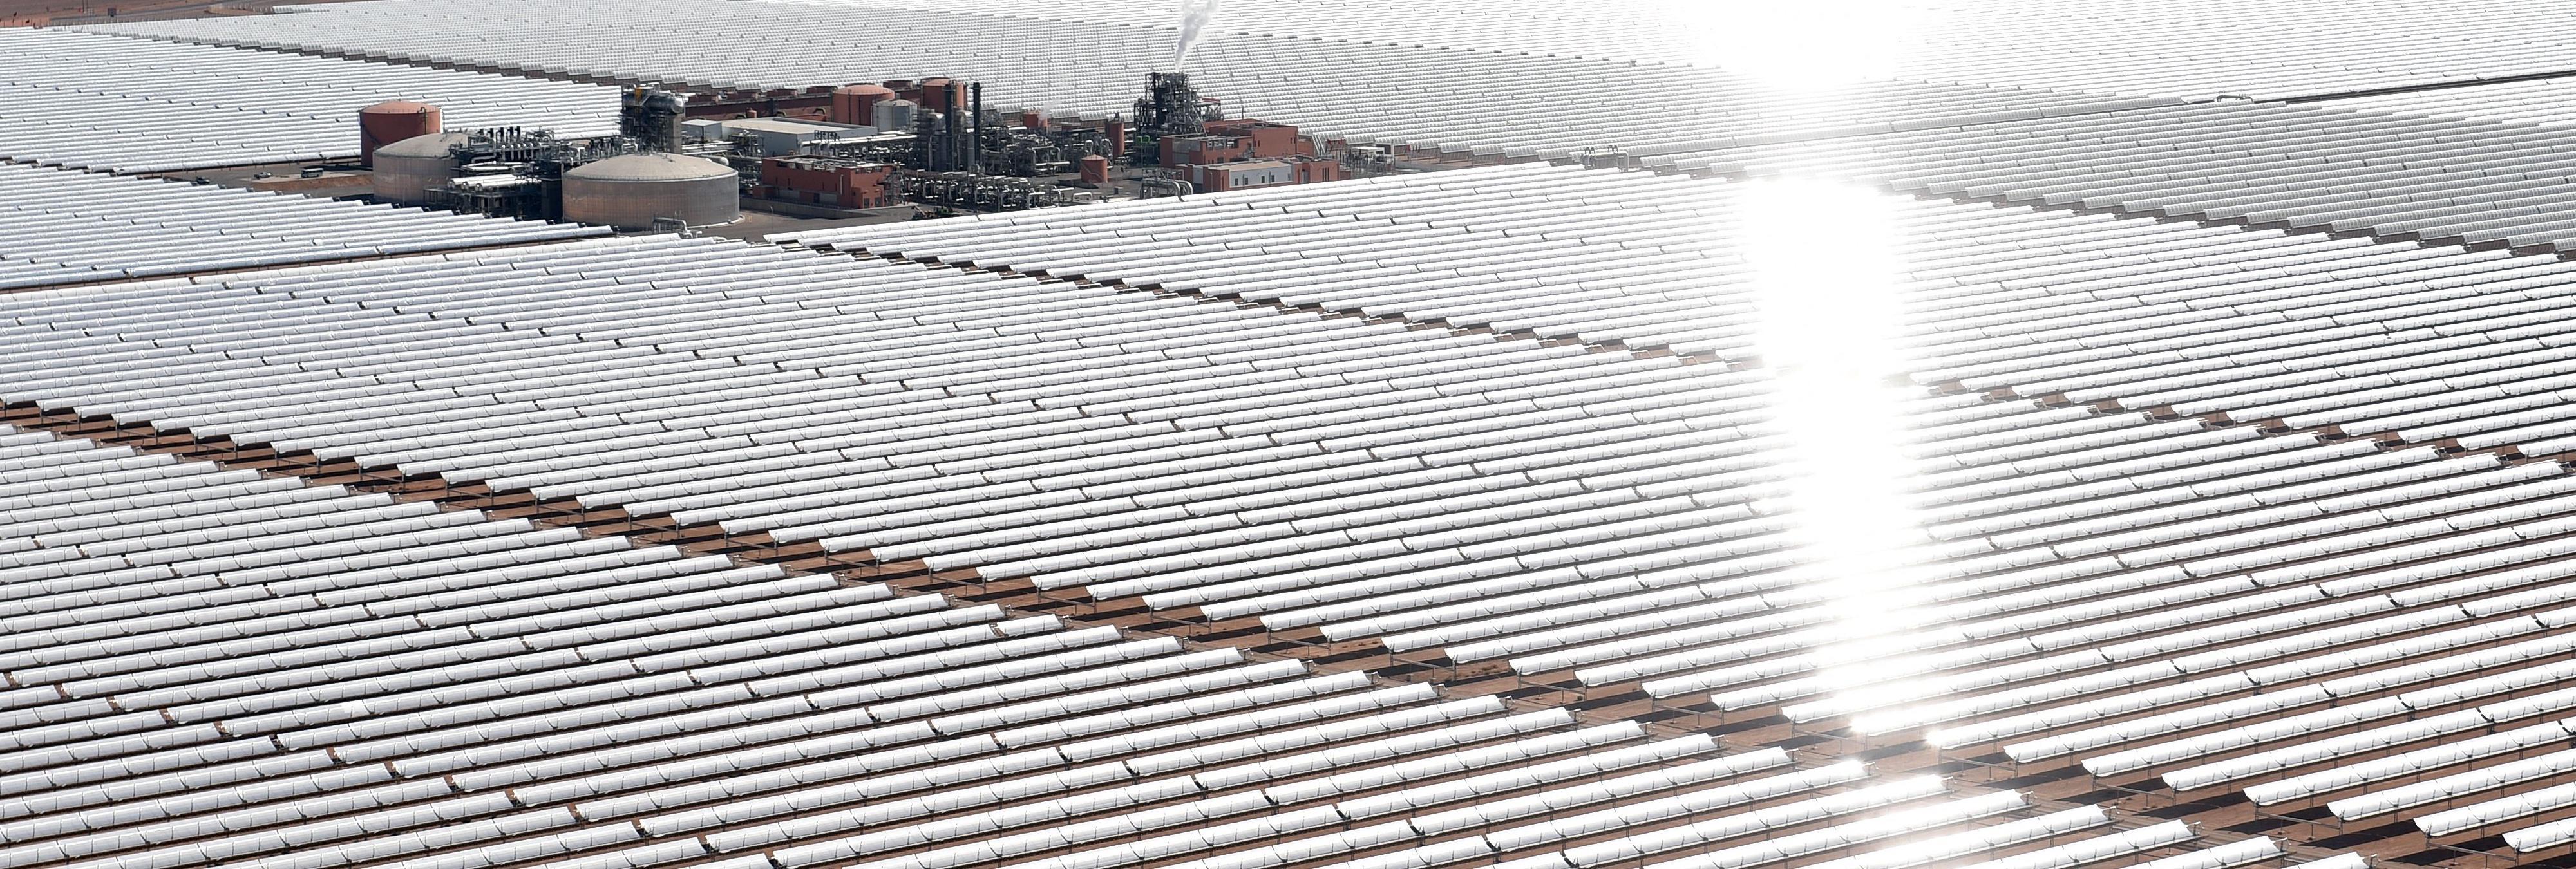 África podría convertirse en el motor energético del mundo con esta colosal planta solar